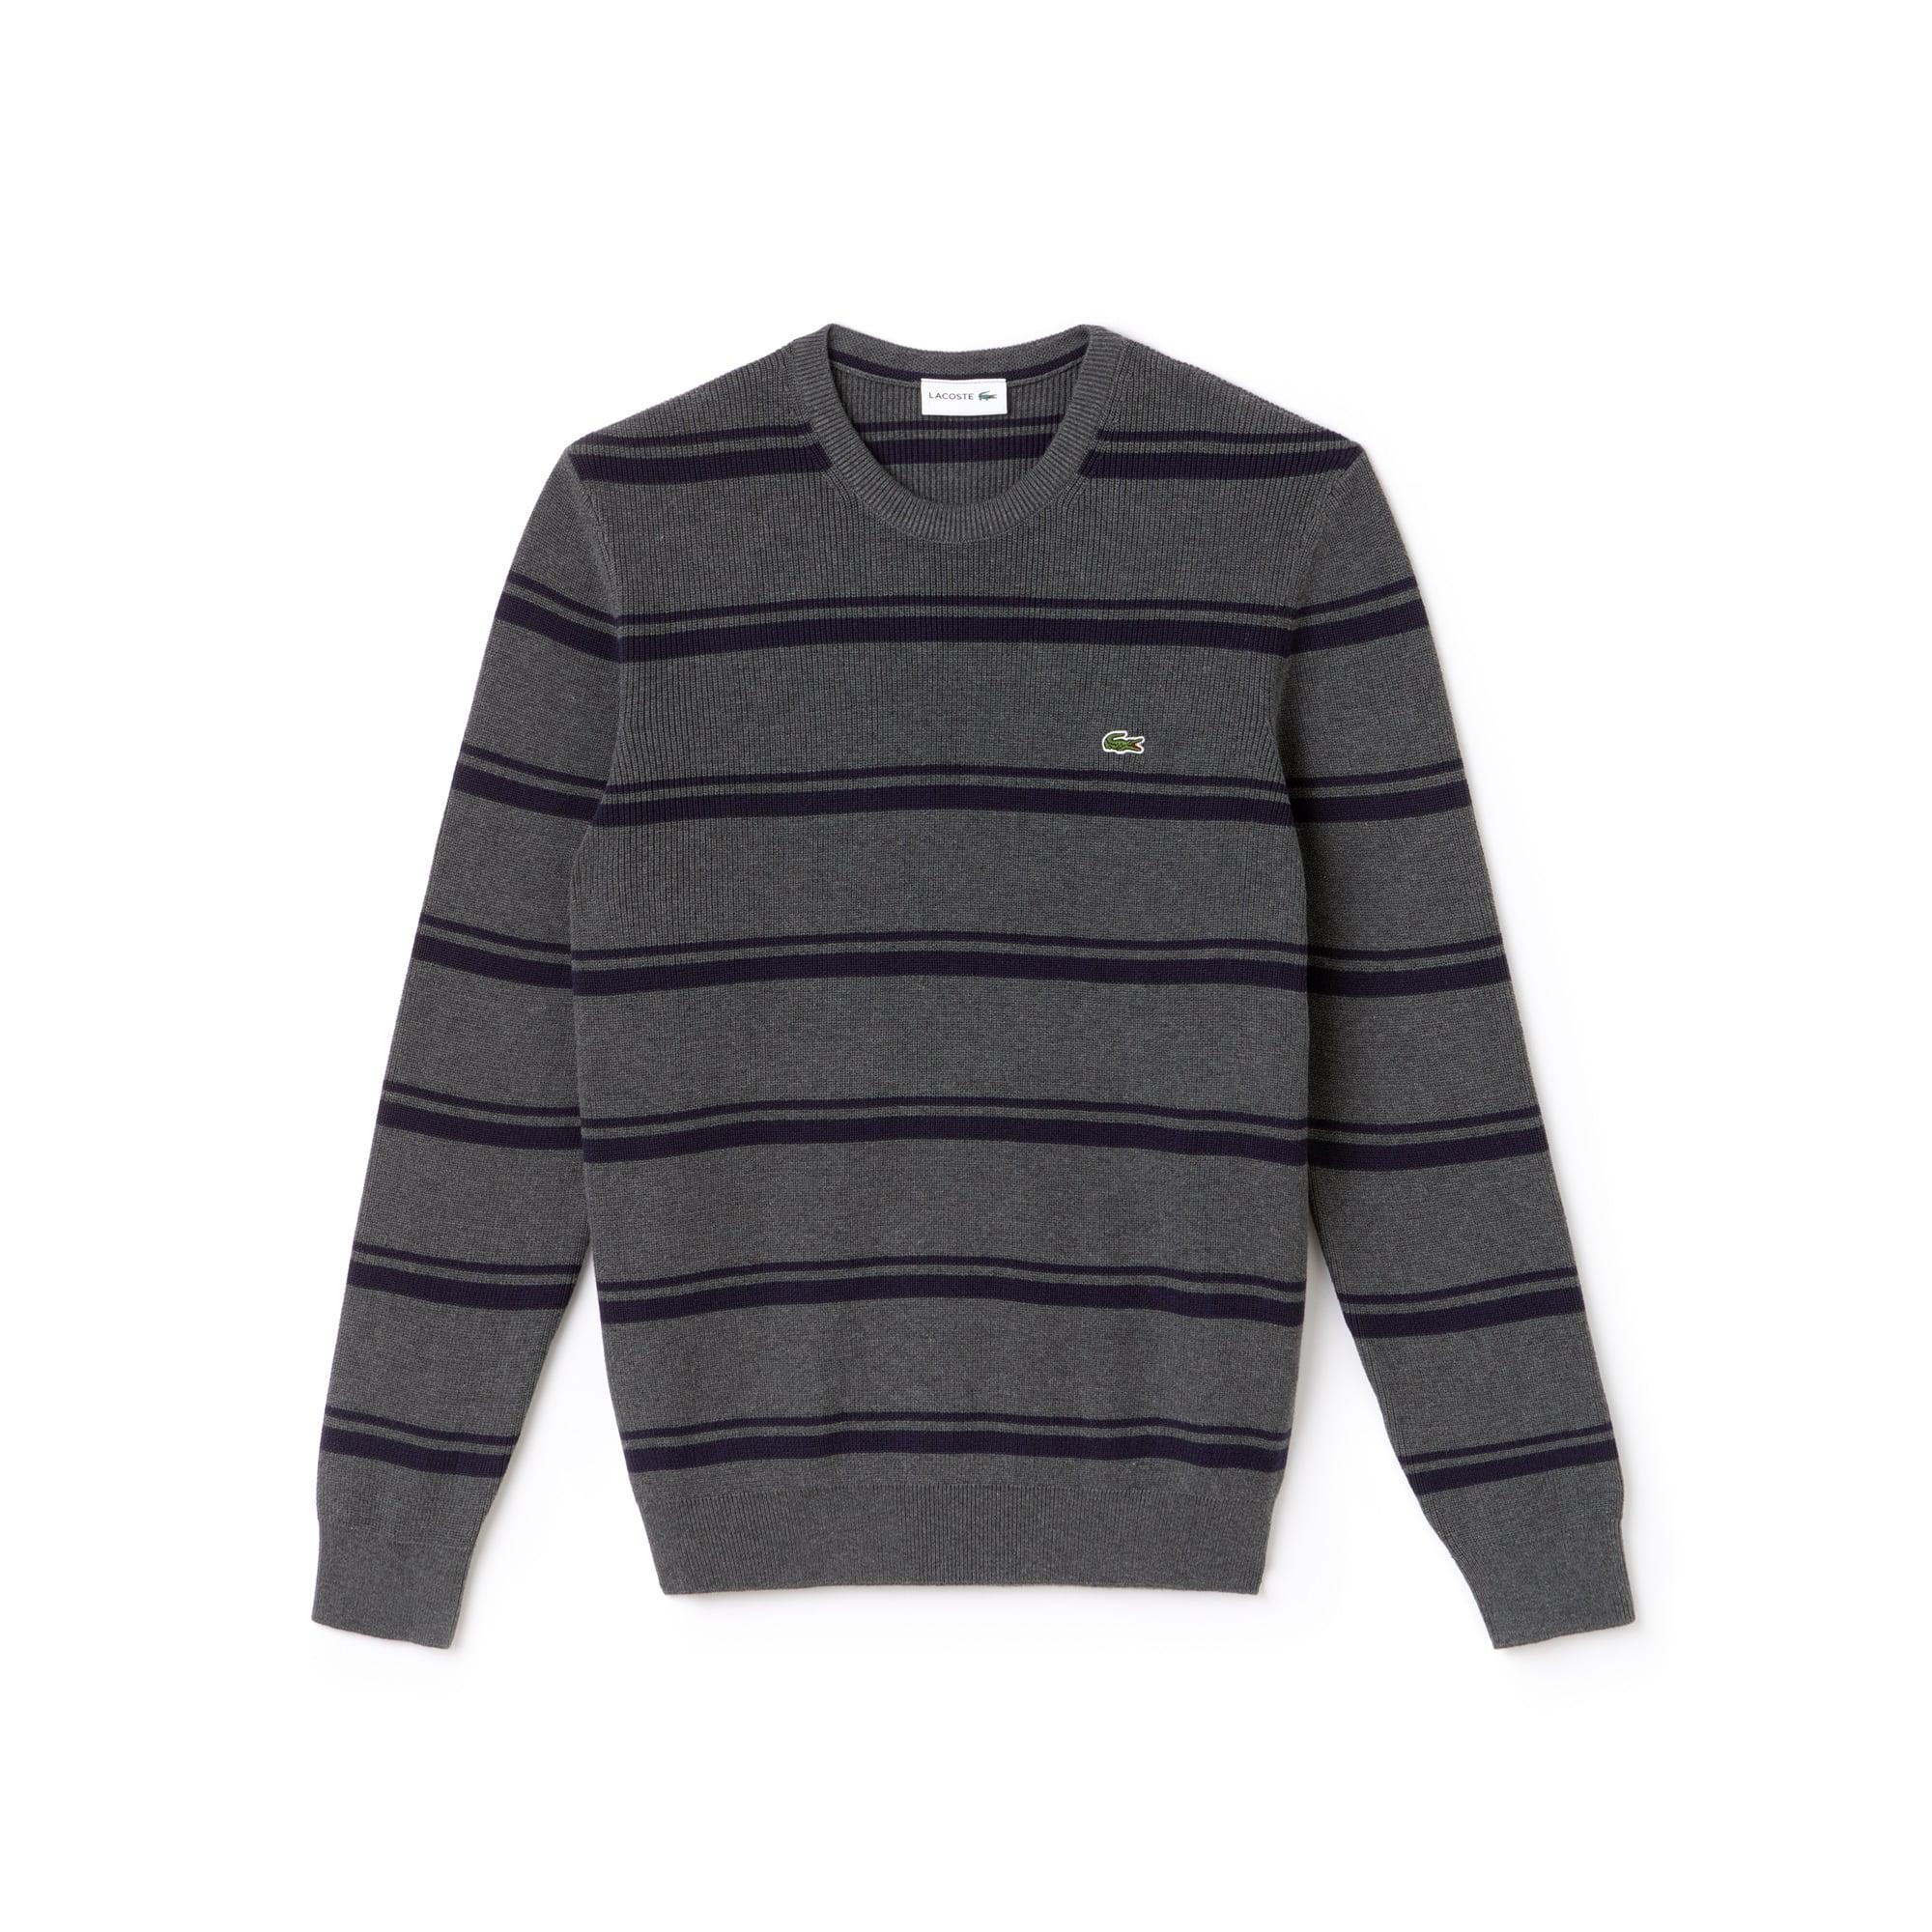 Herren-Rundhalspullover aus gerippter Baumwolle mit Streifen 1699009be0